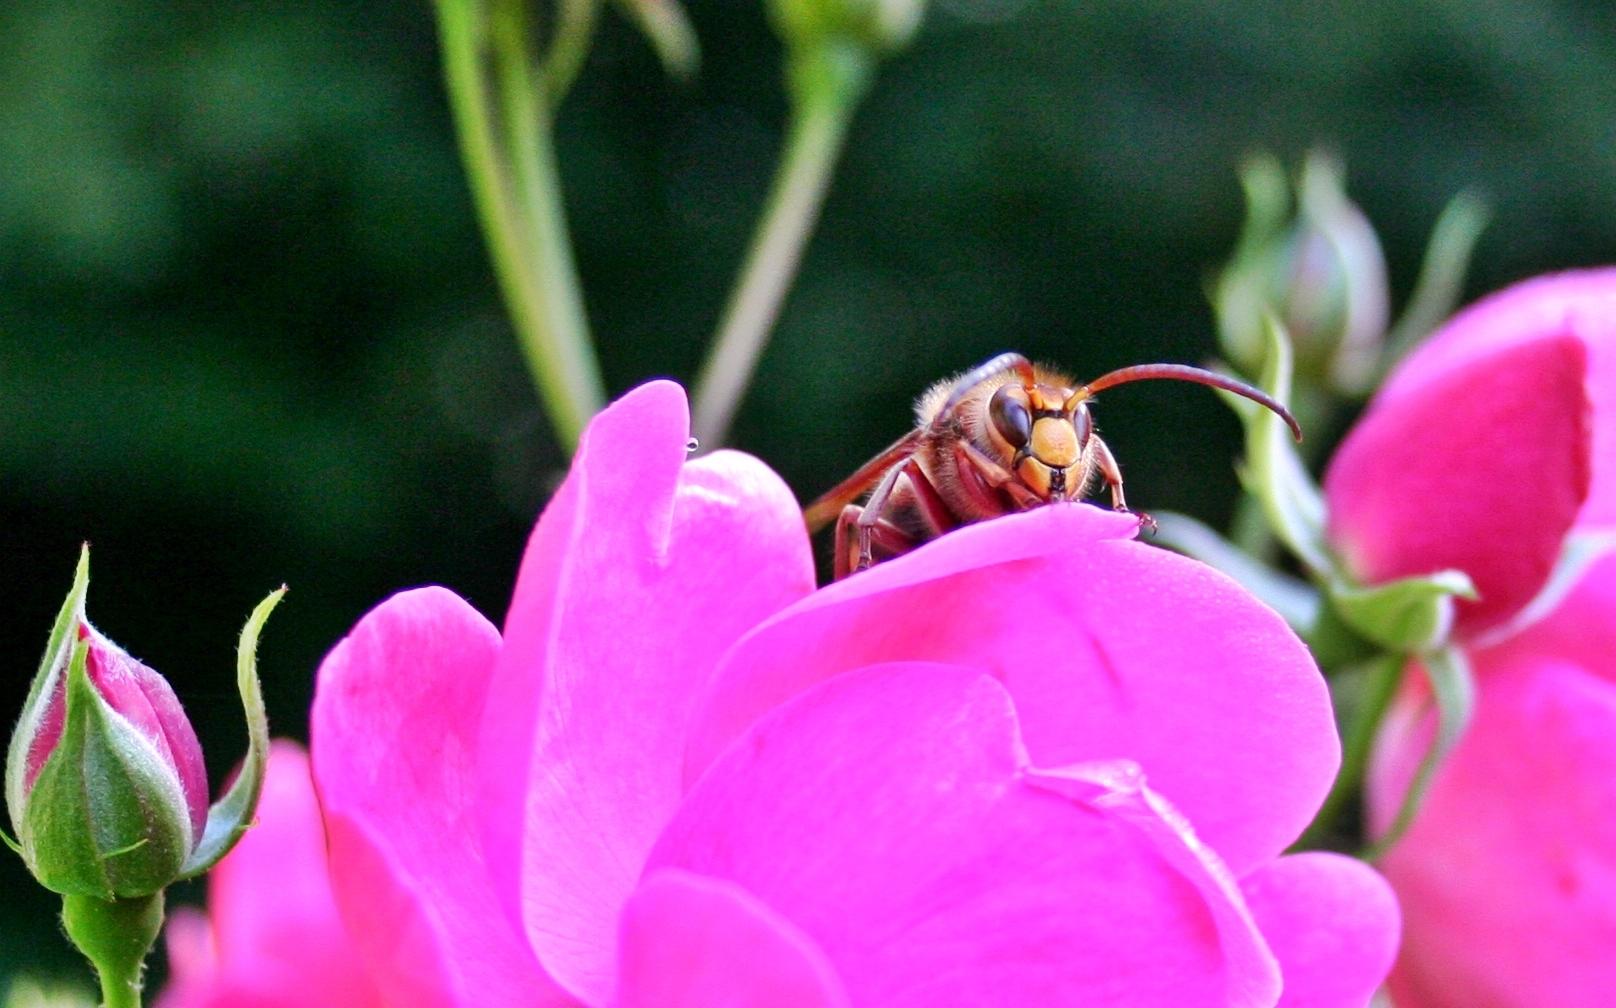 Hornisse auf Rose